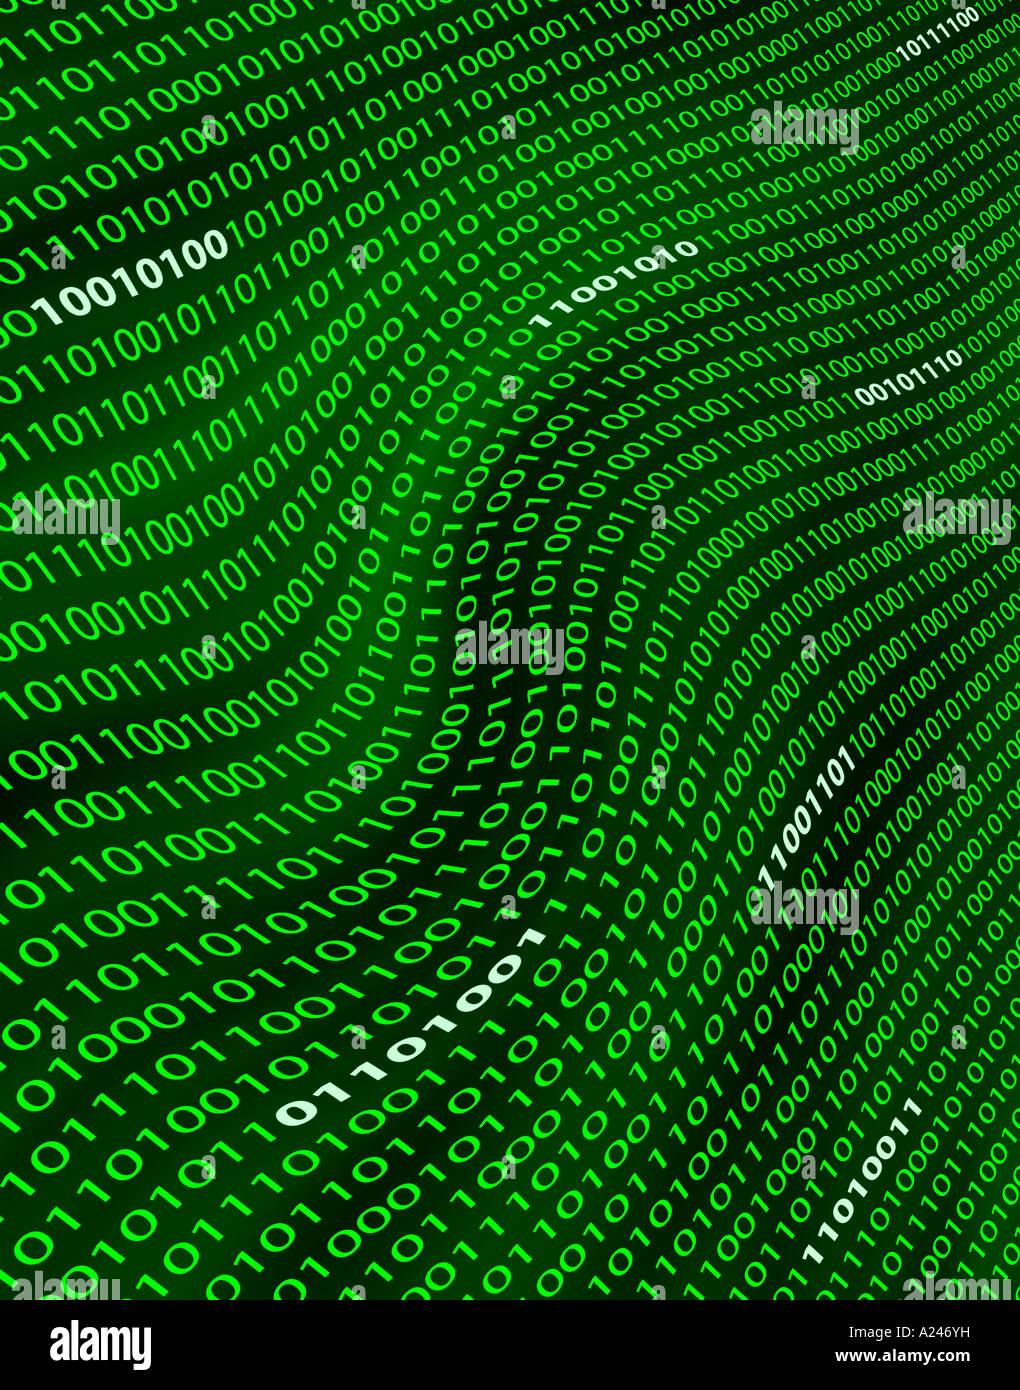 Un champ numérique déformée de nombres binaires ou code vert Photo Stock